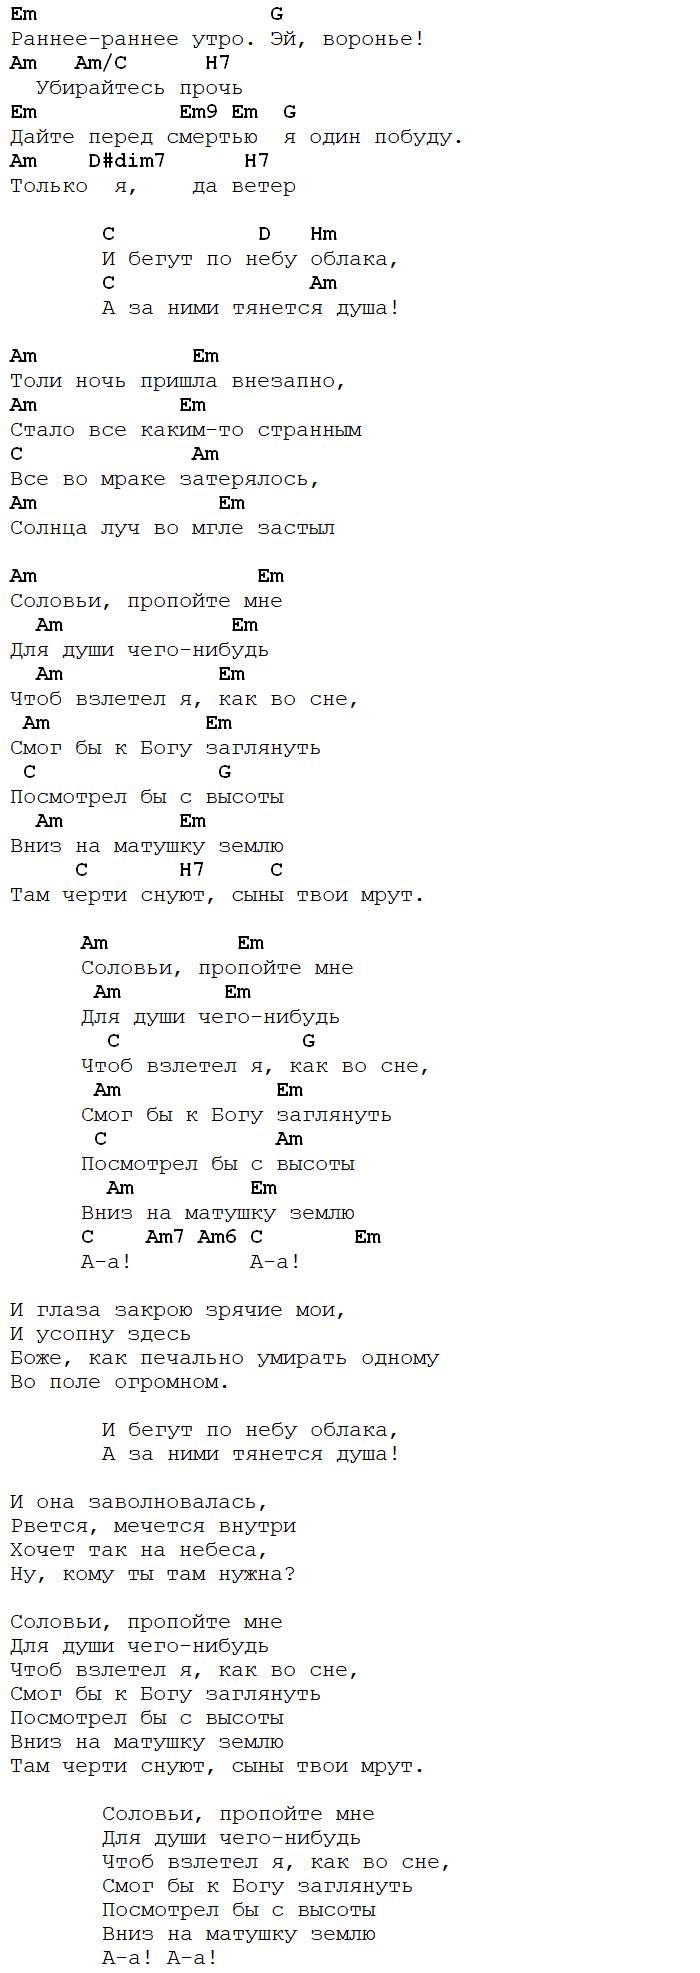 соловьи горшок аккорды